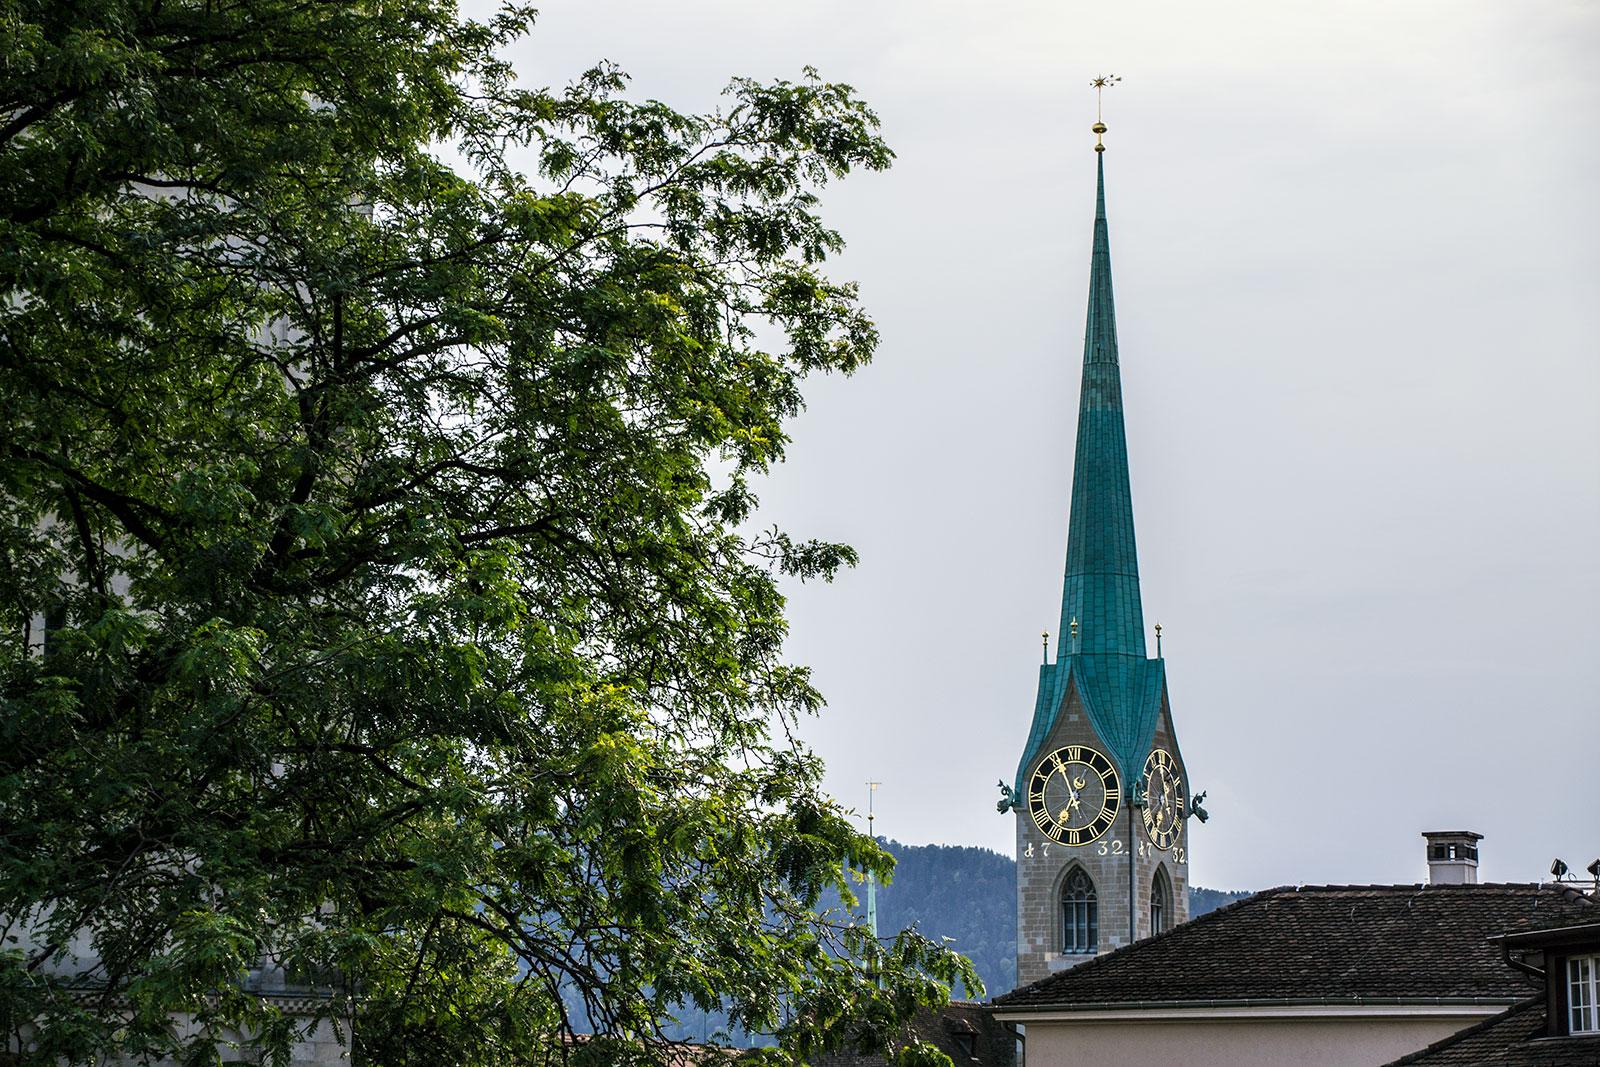 Iglesia de la abadía de Fraumünster - qué ver en Zúrich